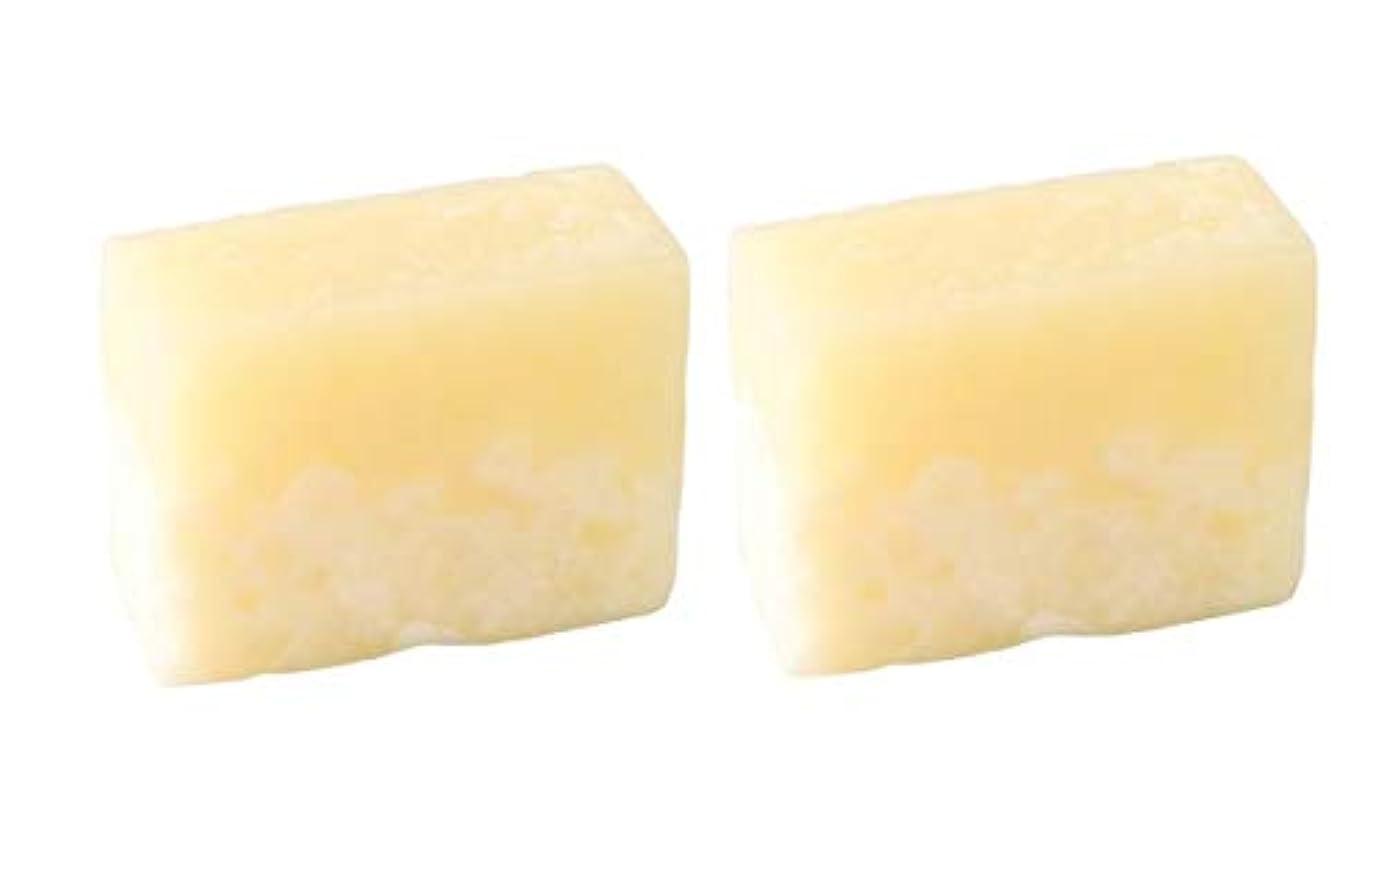 けがをするバスタブスプレーLUSH ラッシュ ボヘミアン(100g)×2個セット レモンの爽やかな香りソープ